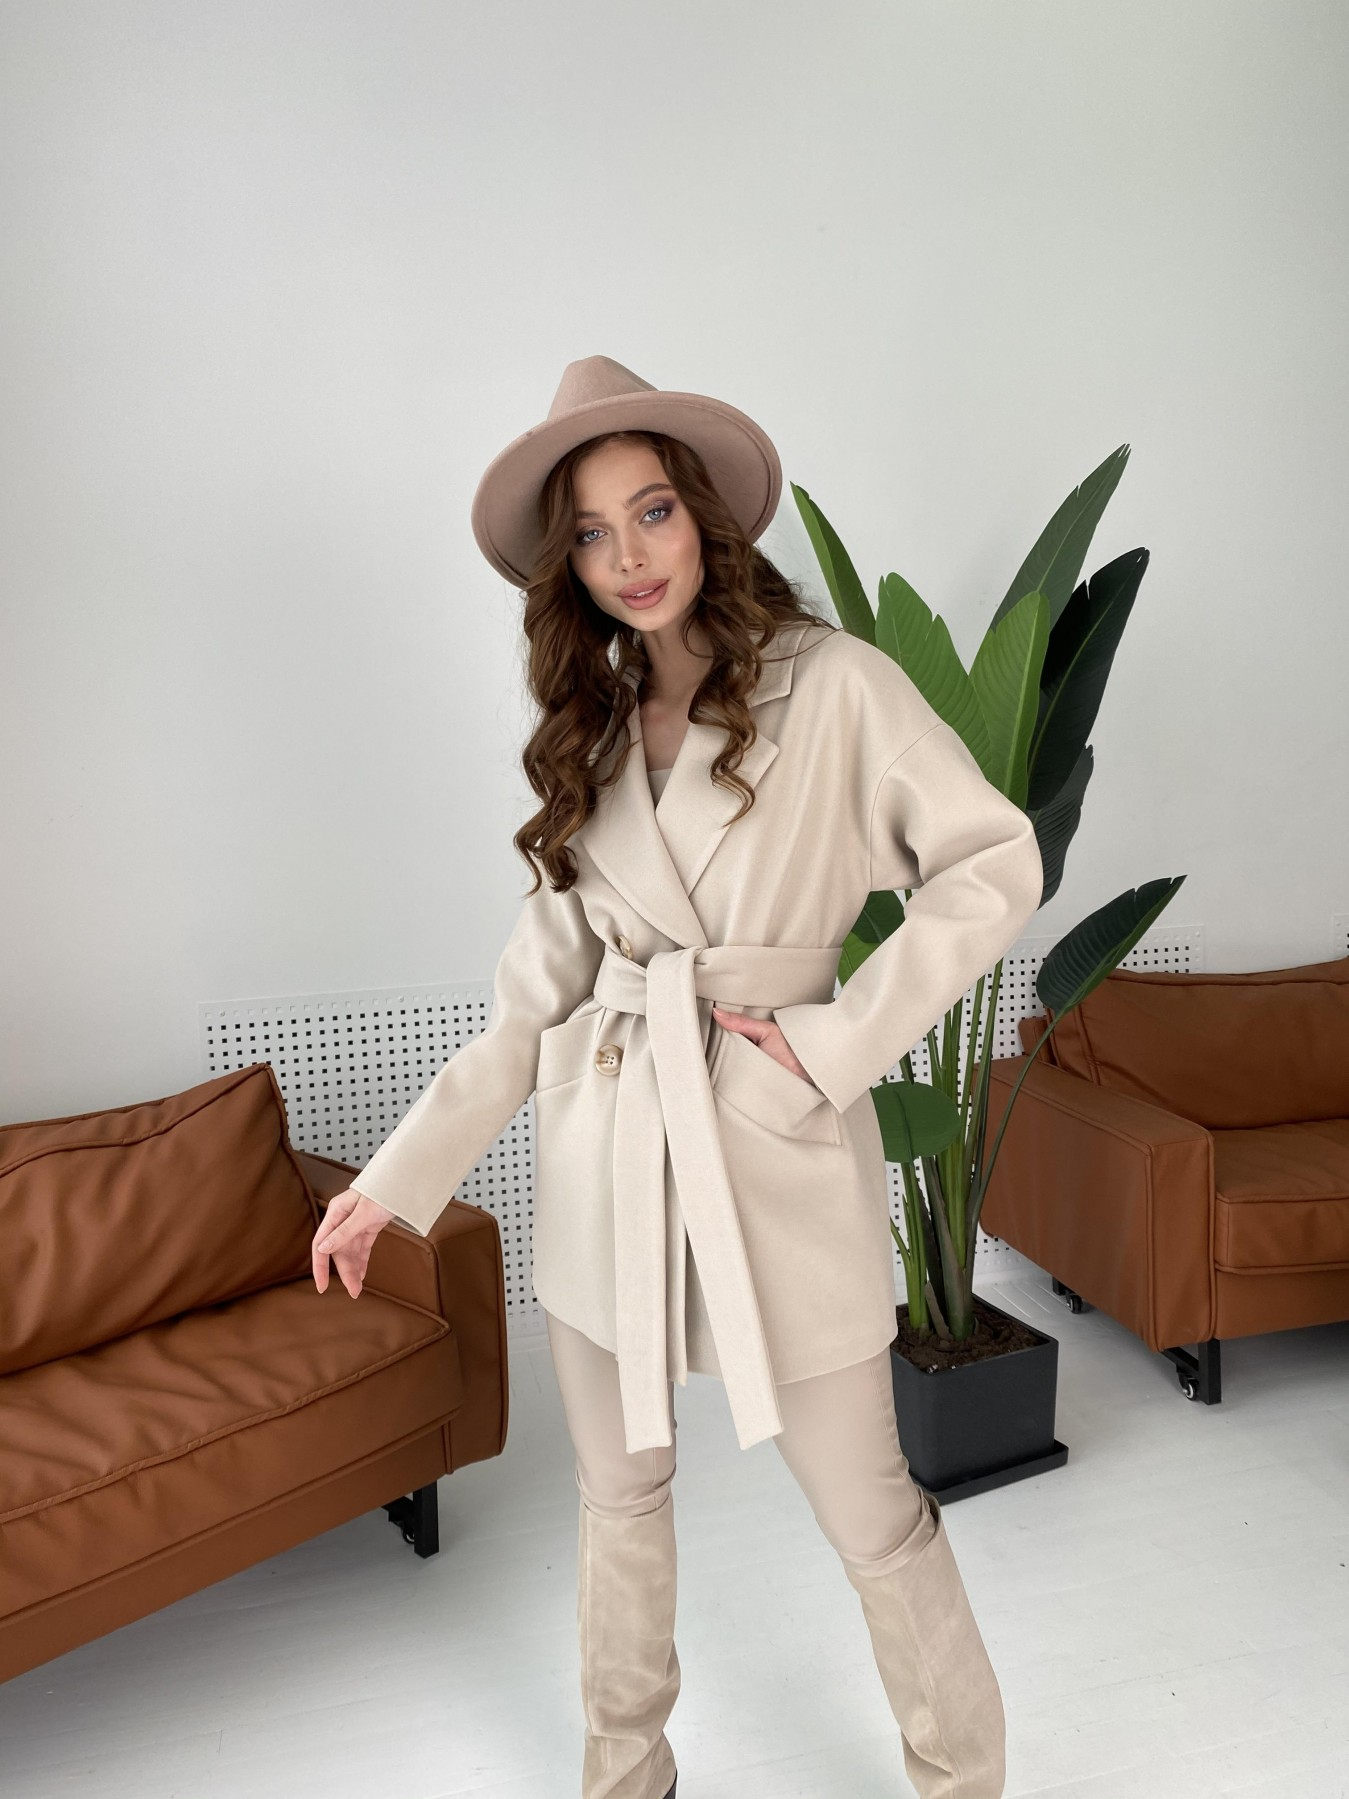 Бонд пальто из кашемира  10571 АРТ. 46992 Цвет: Бежевый Светлый - фото 5, интернет магазин tm-modus.ru